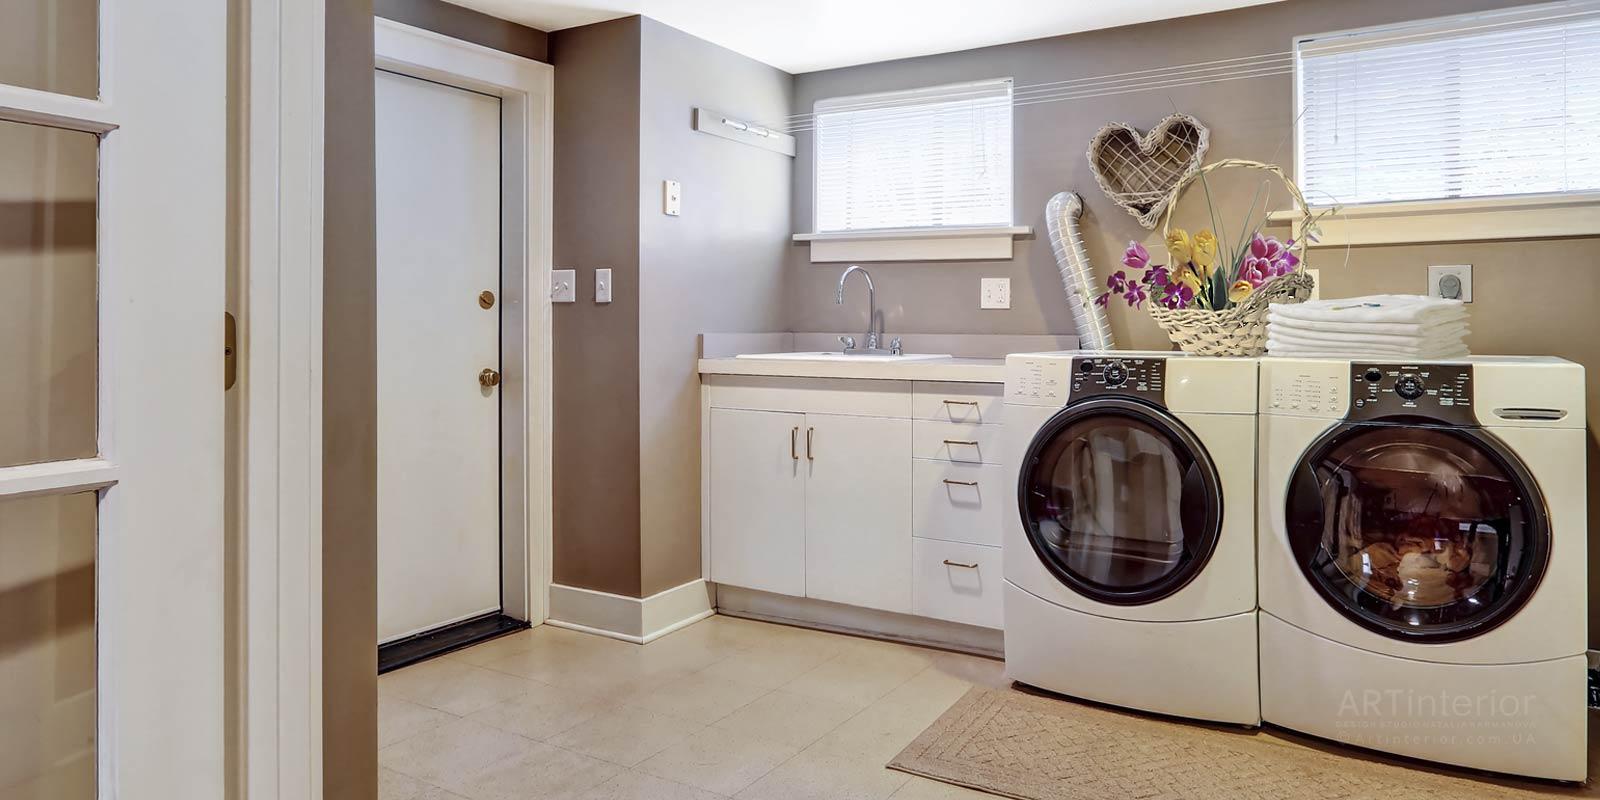 прачечная-постирочная комната | Дизайн и стиль интерьера квартиры, дома, офиса от «Artinterior», Киев, artinterior.com.ua